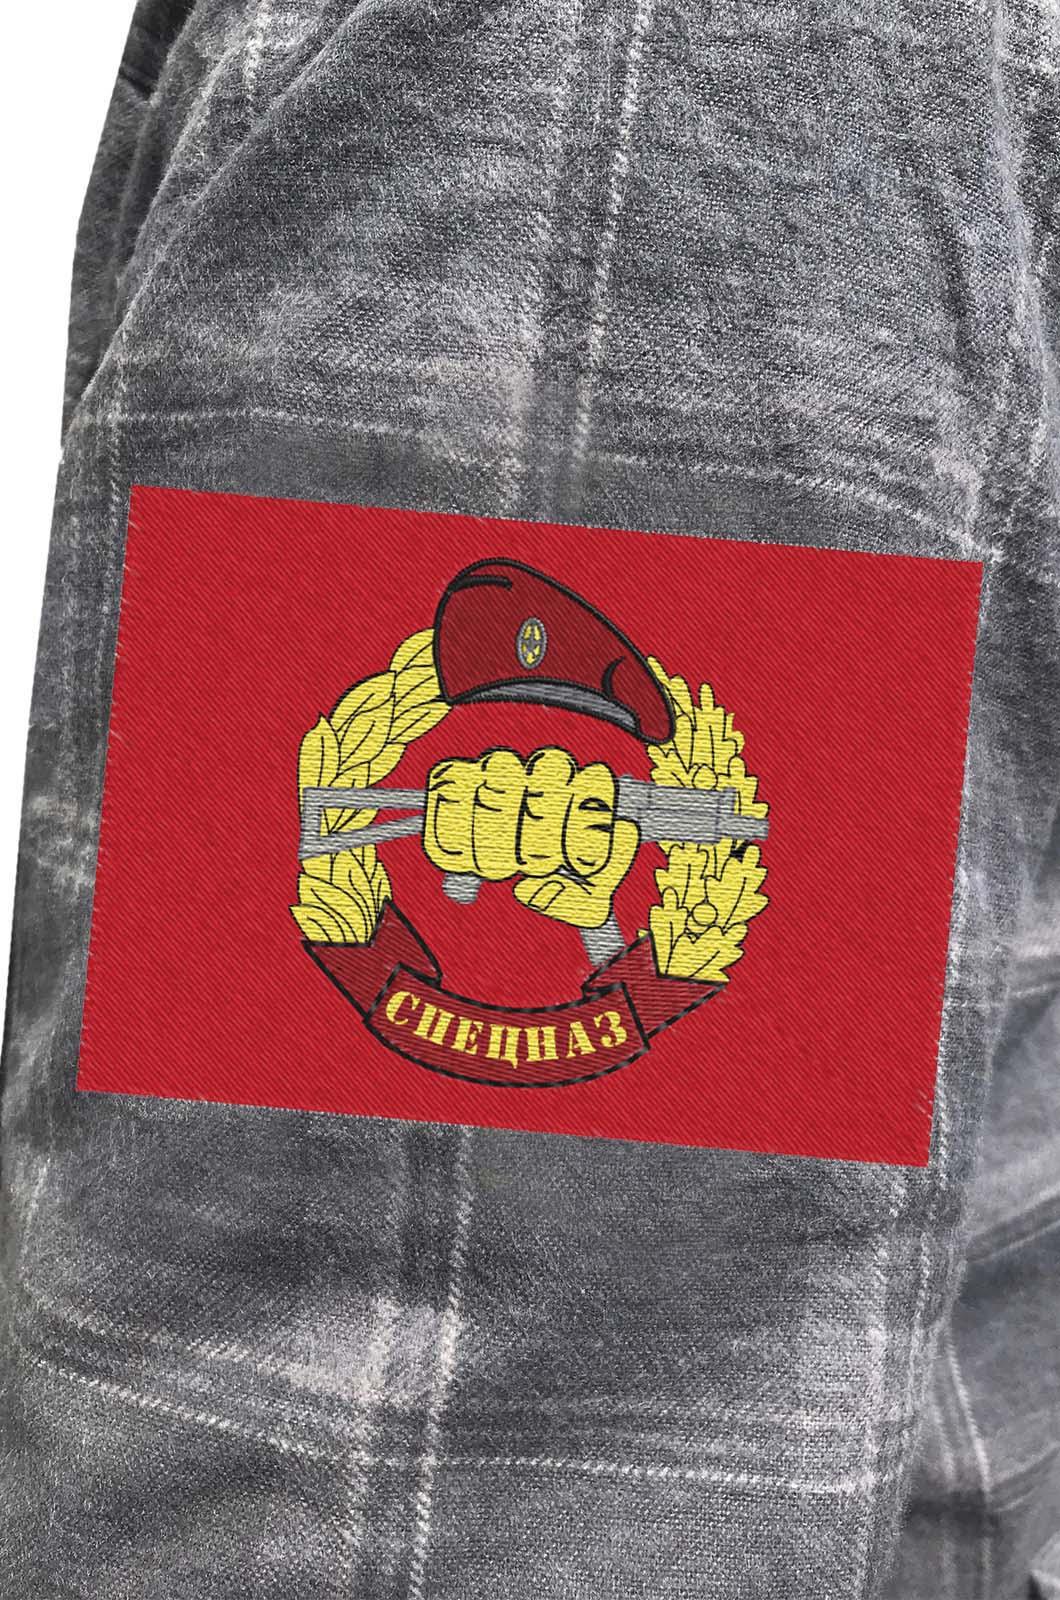 Фирменная клетчатая рубашка с вышитым шевроном Спецназ ВВ РФ - купить по низкой цене